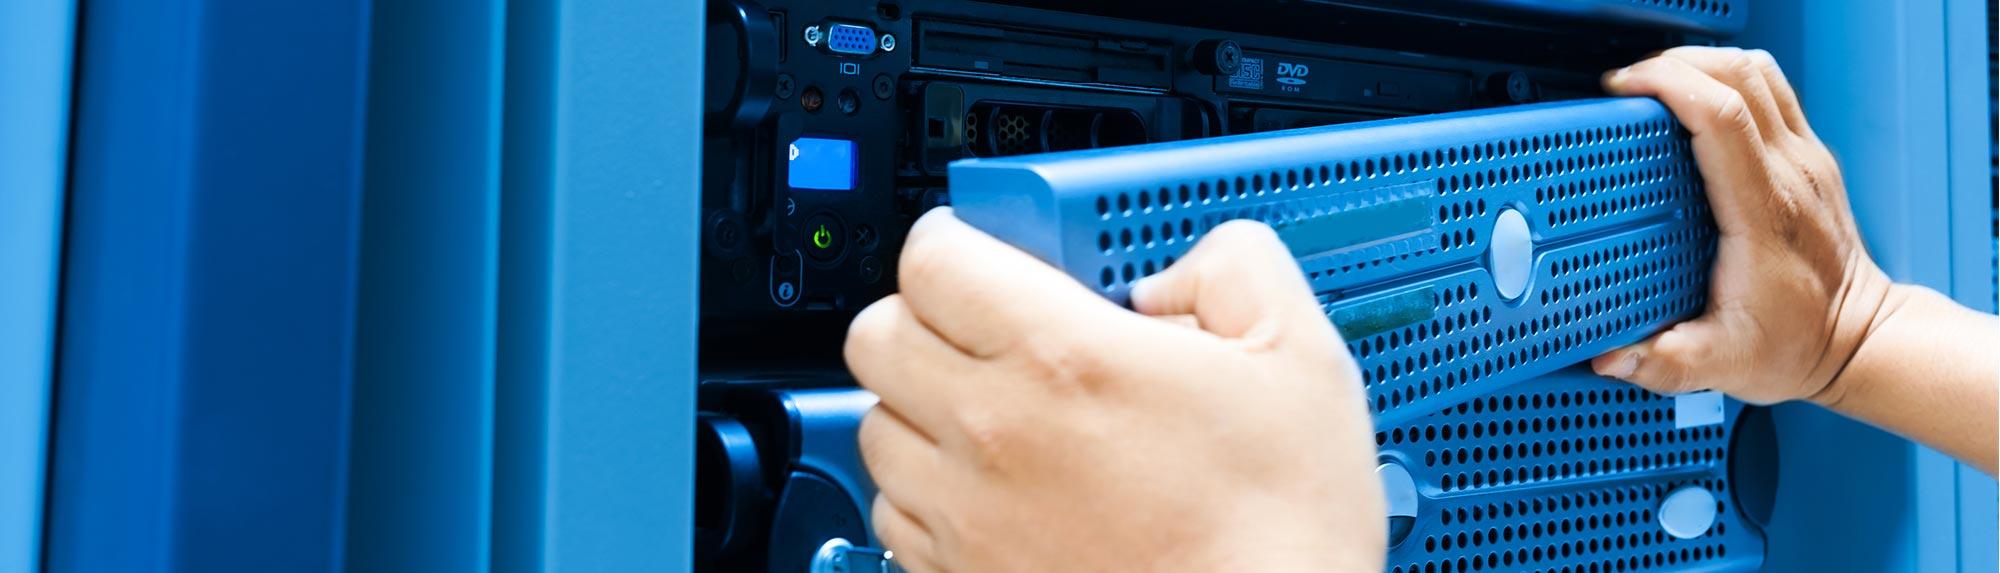 fornitura aziendale installazione server linux windows aziende alessandria milano torino genova